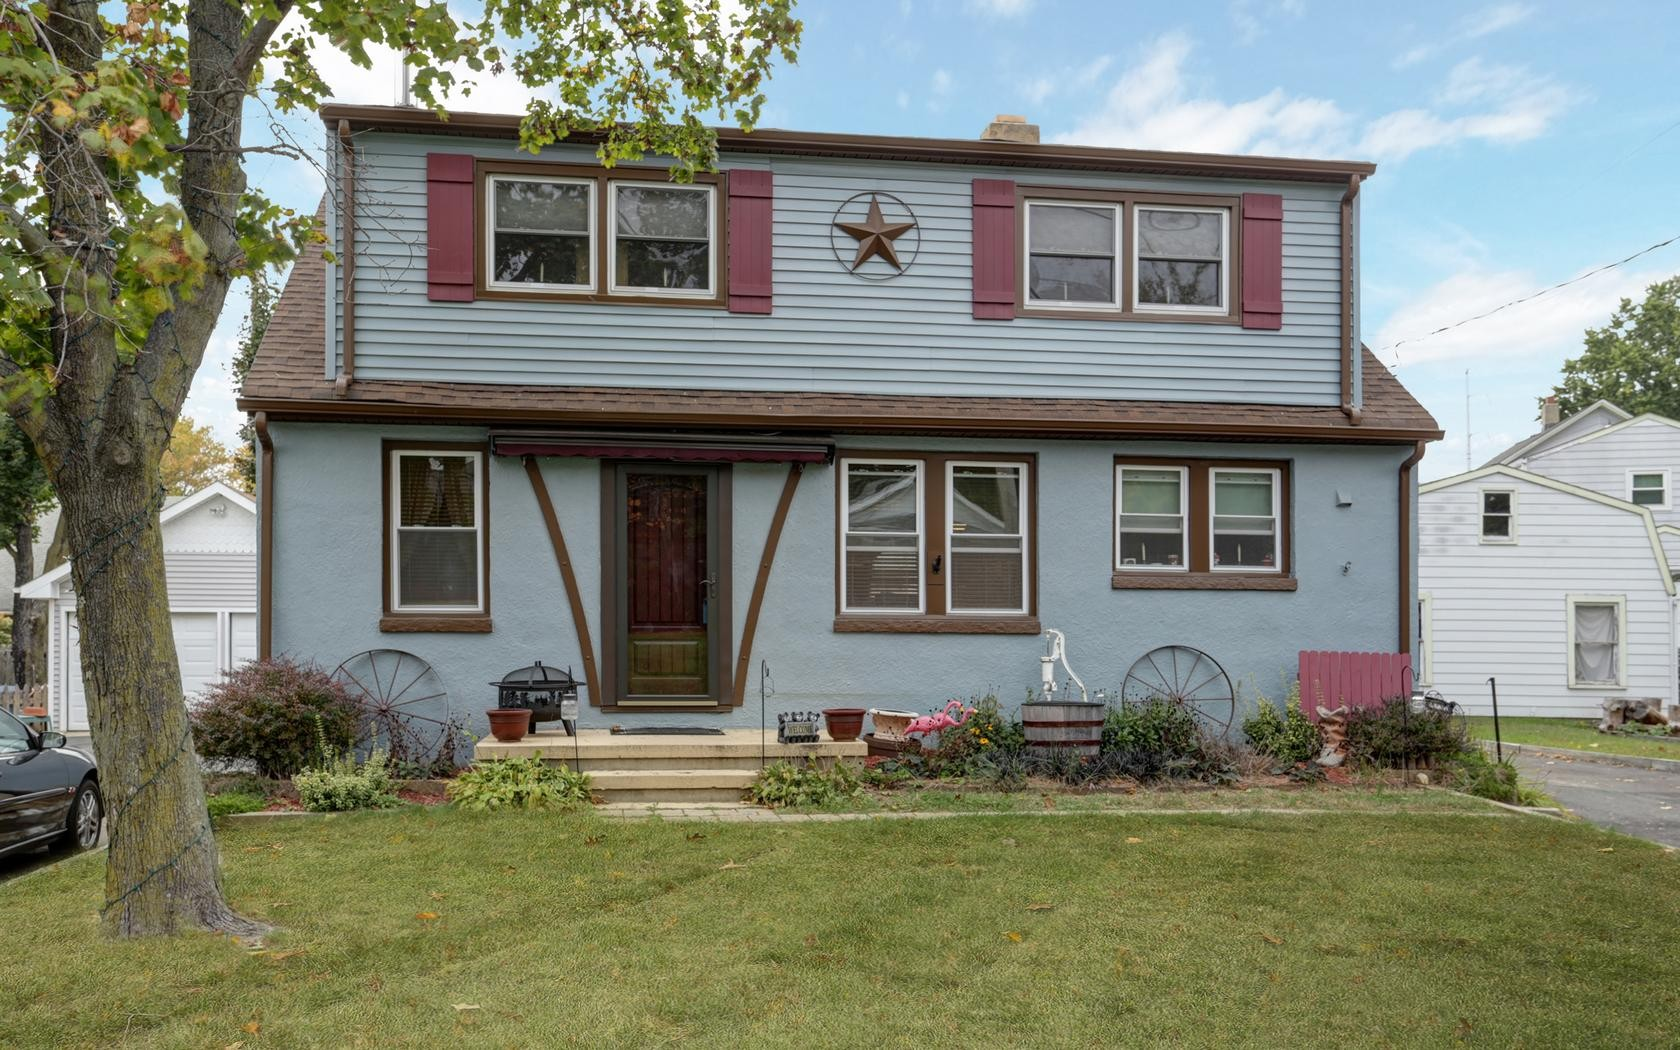 Частный односемейный дом для того Продажа на 10 Texas Rd. Matawan, Нью-Джерси 07747 Соединенные Штаты